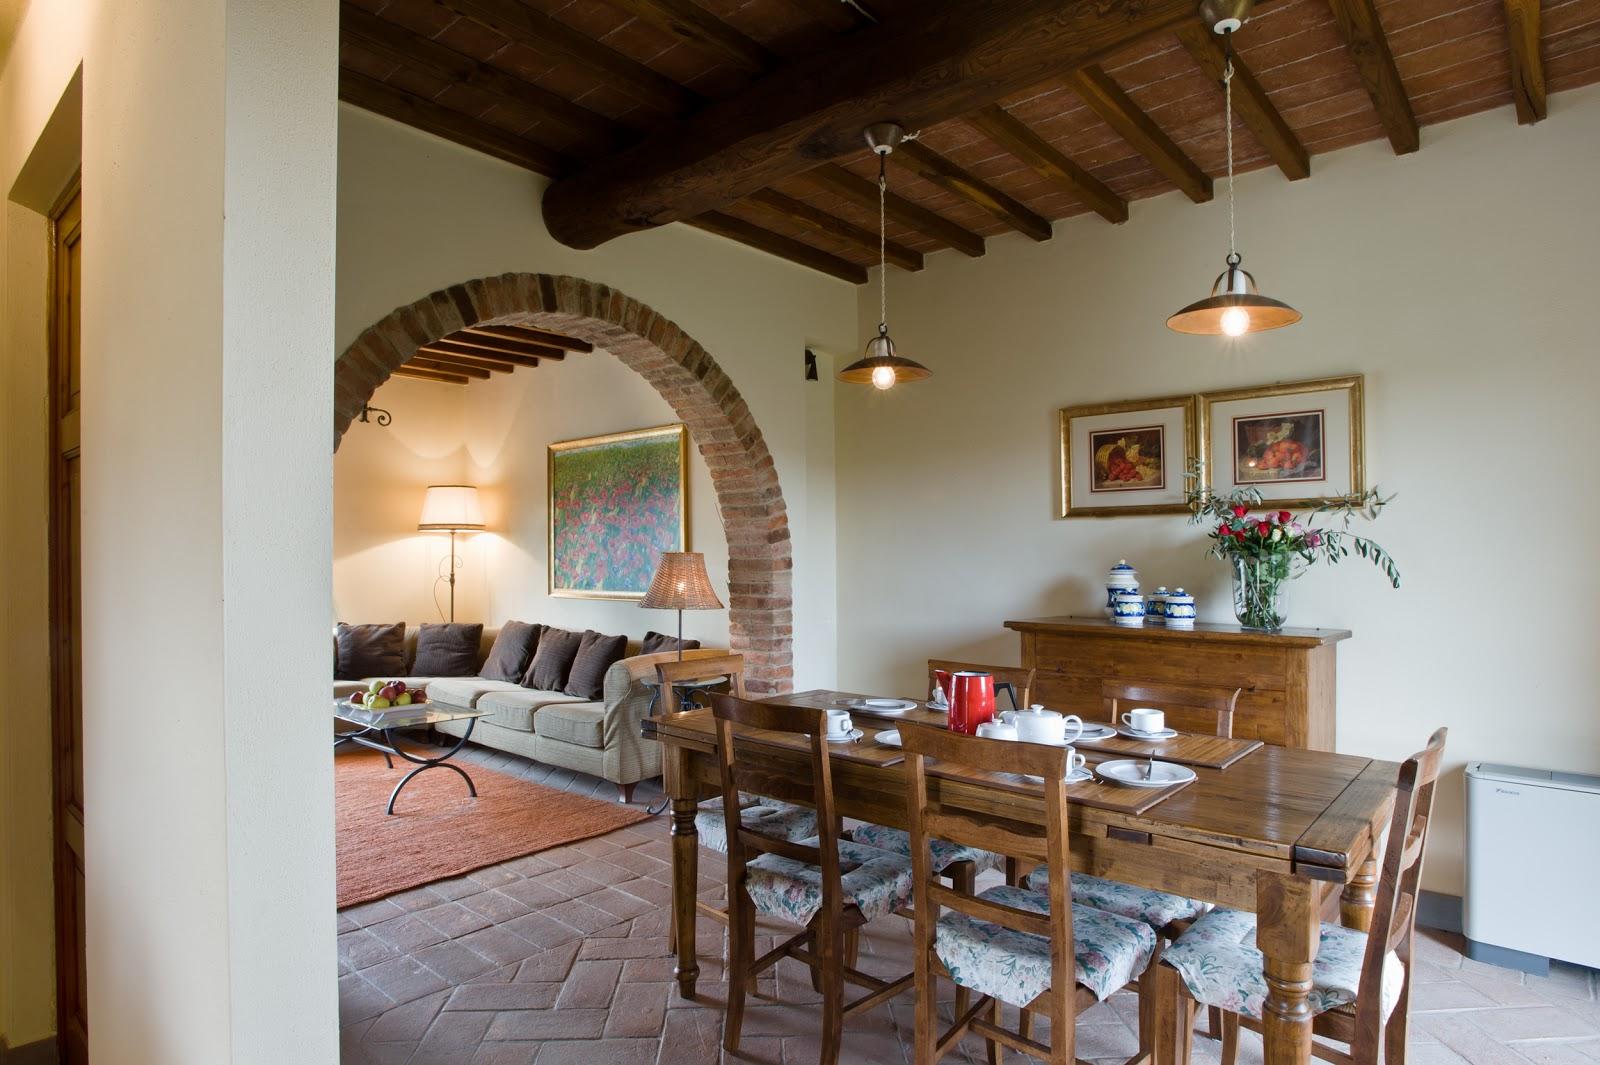 cucina soggiorno con arco: lampada a parete ad arco ~ ispirazione ... - Soggiorno Cucina Con Arco